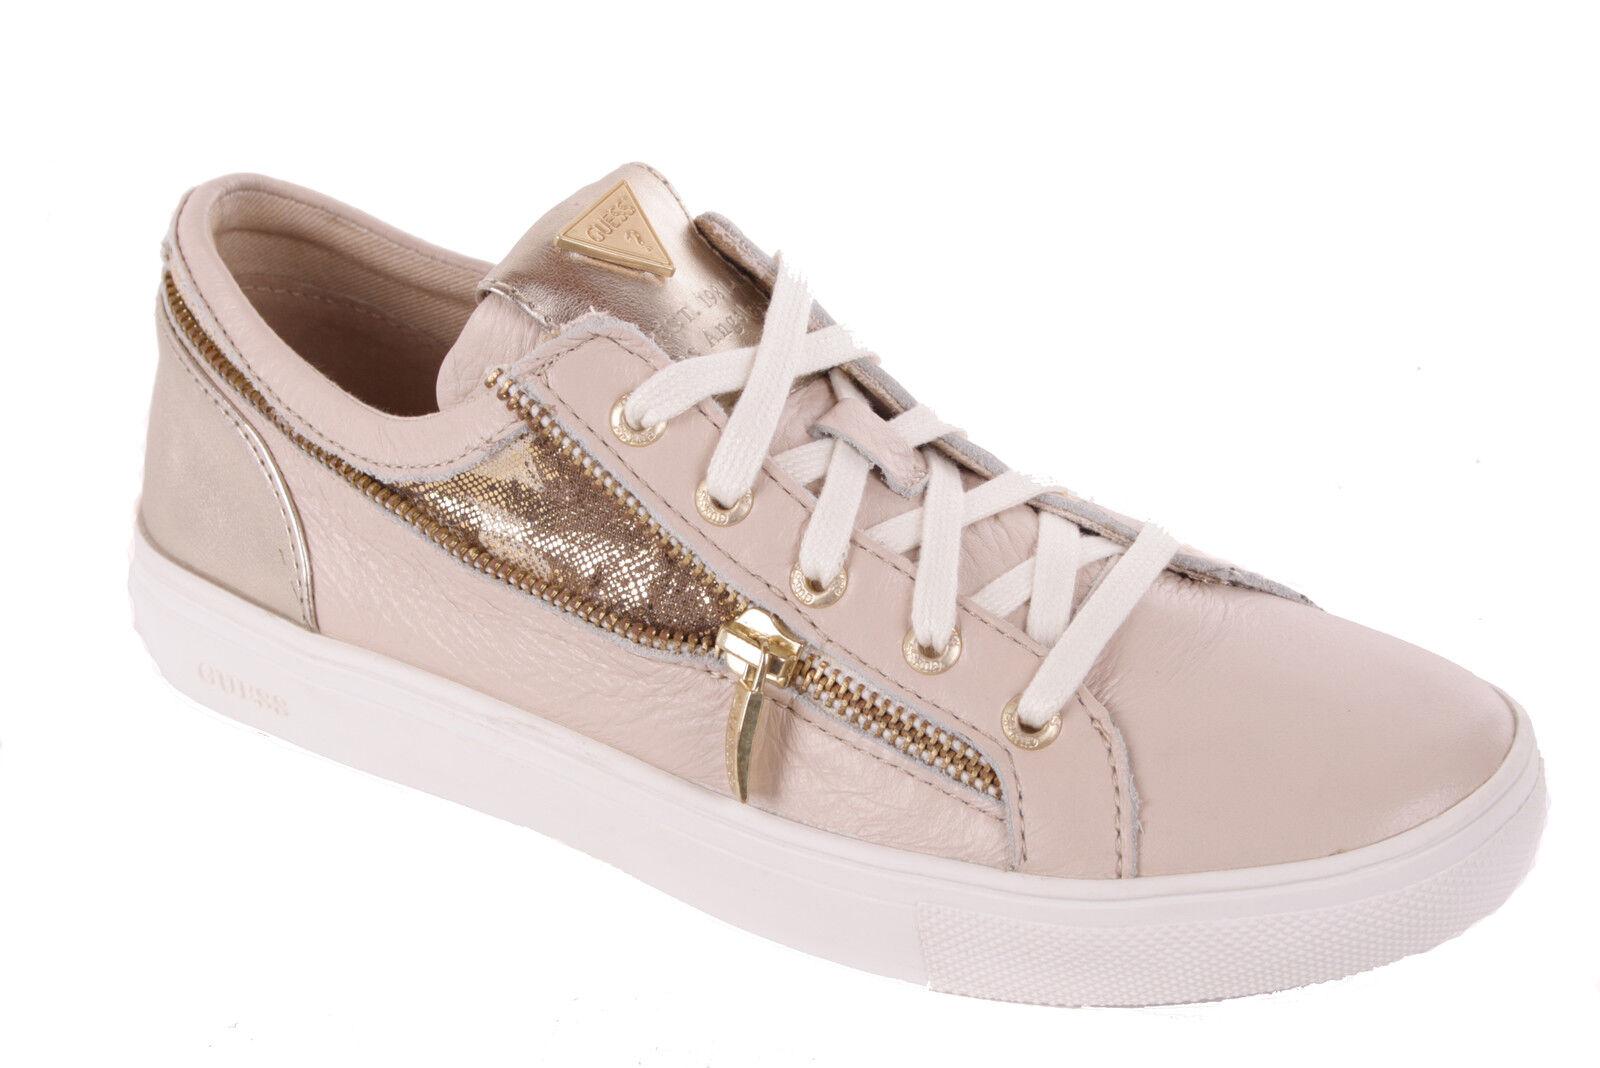 Guess Femmes Sneakers à Lacets Cuir Beige